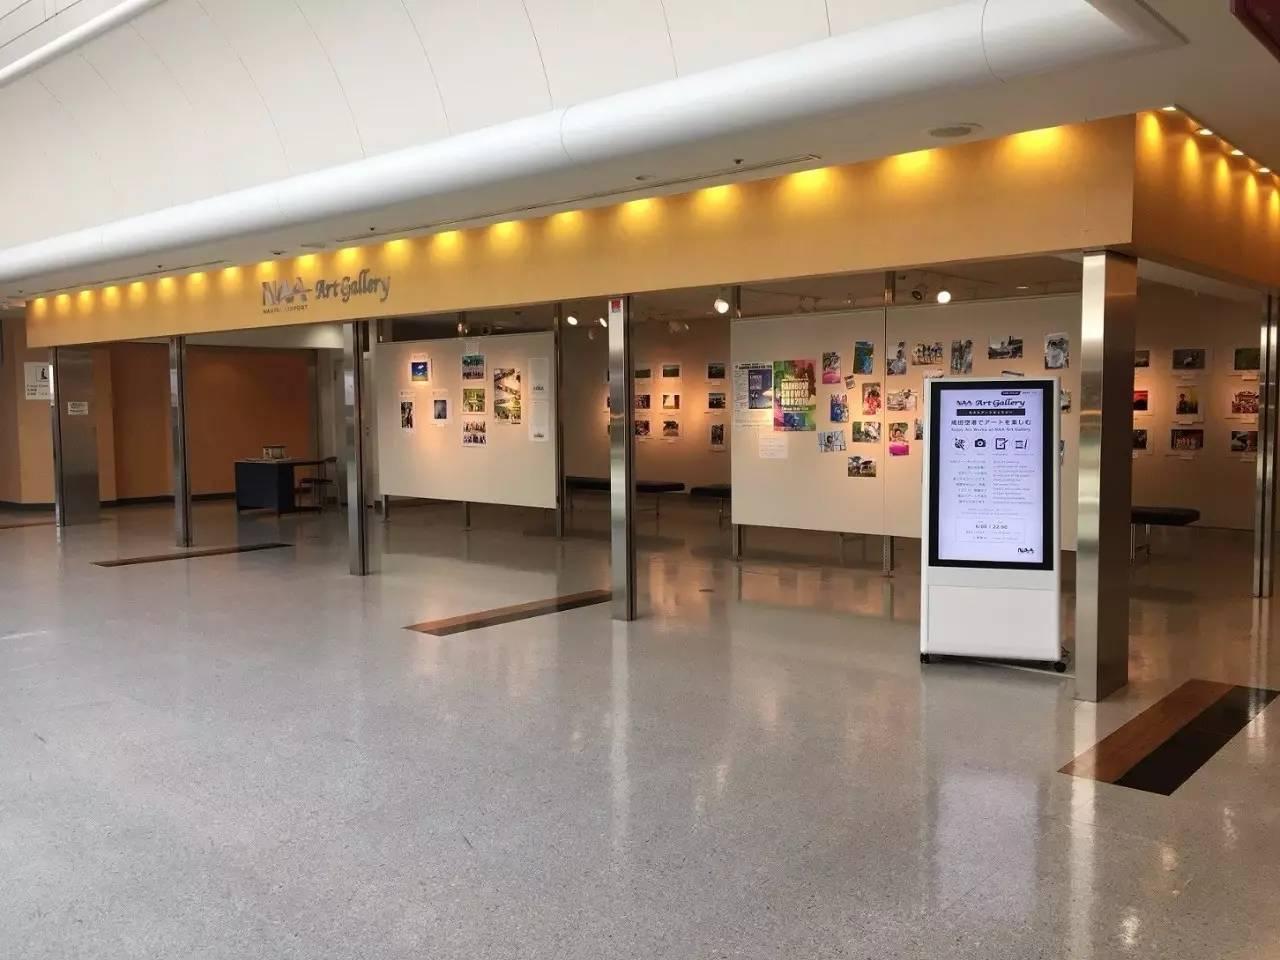 四大热门机场伴手礼指南:只剩三十分钟也能买买买 旅游资讯 第20张